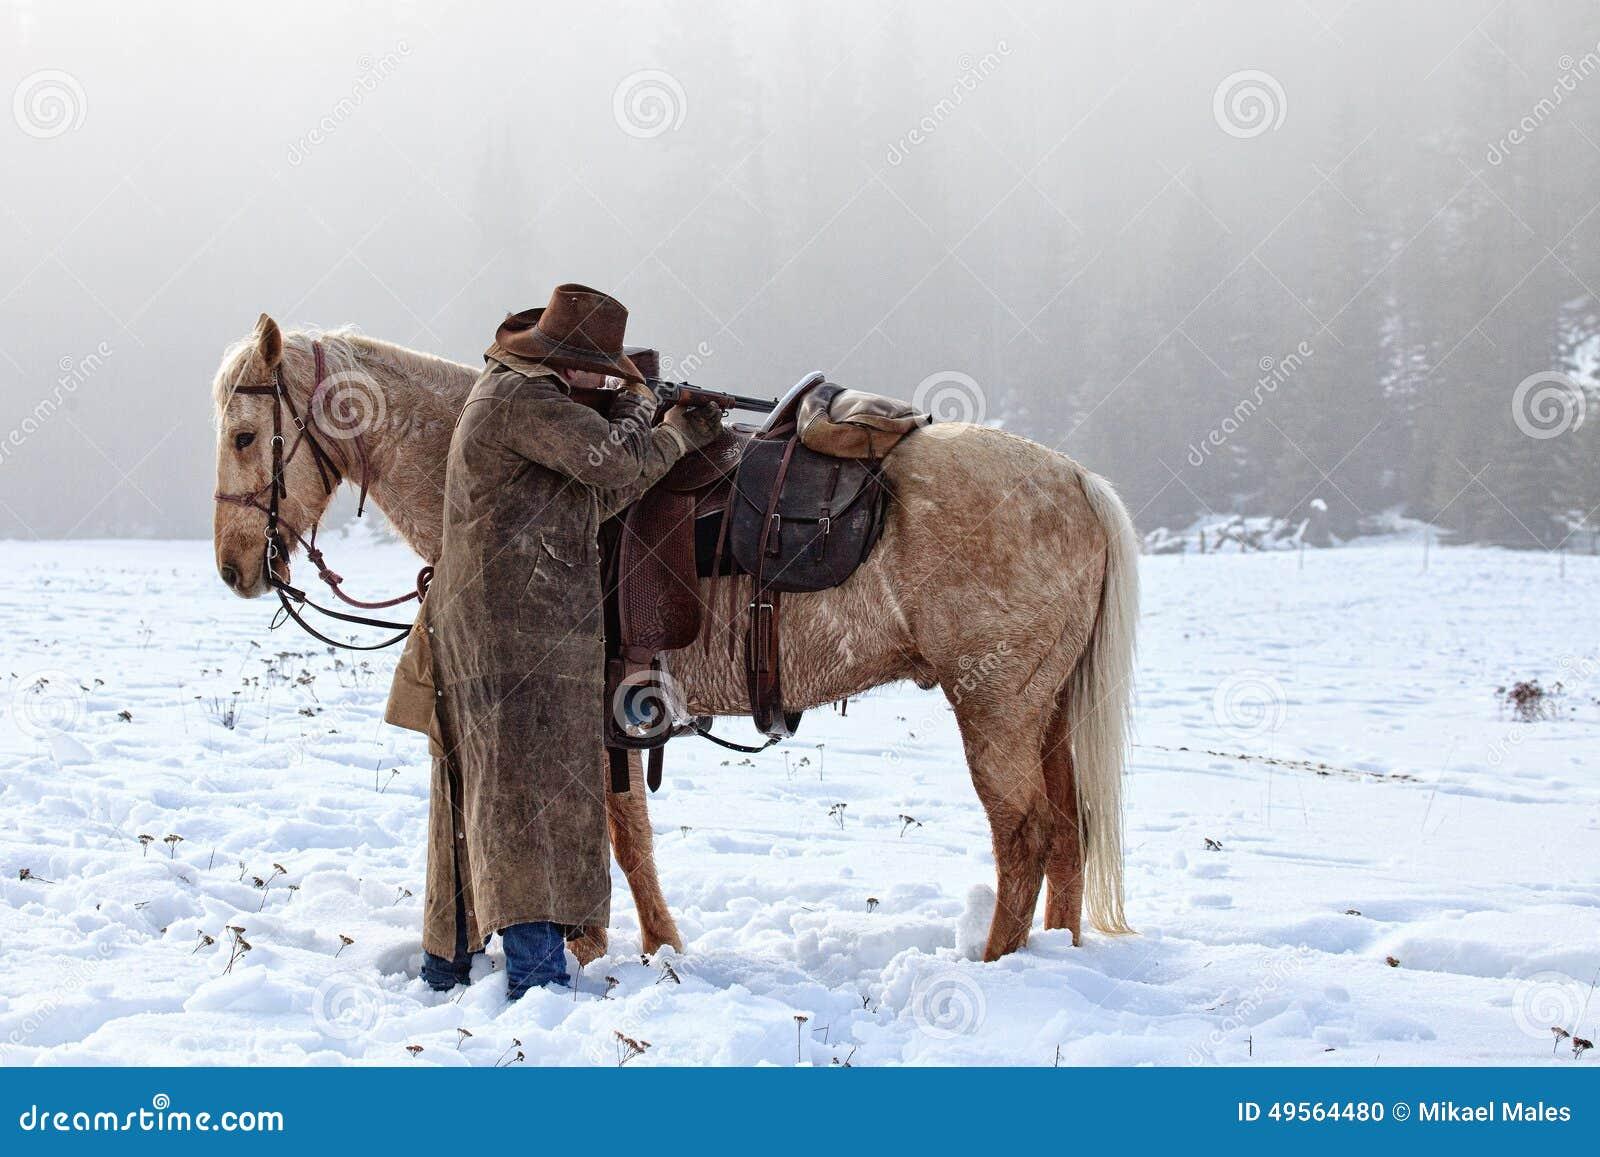 Cowboy shooting across his saddle